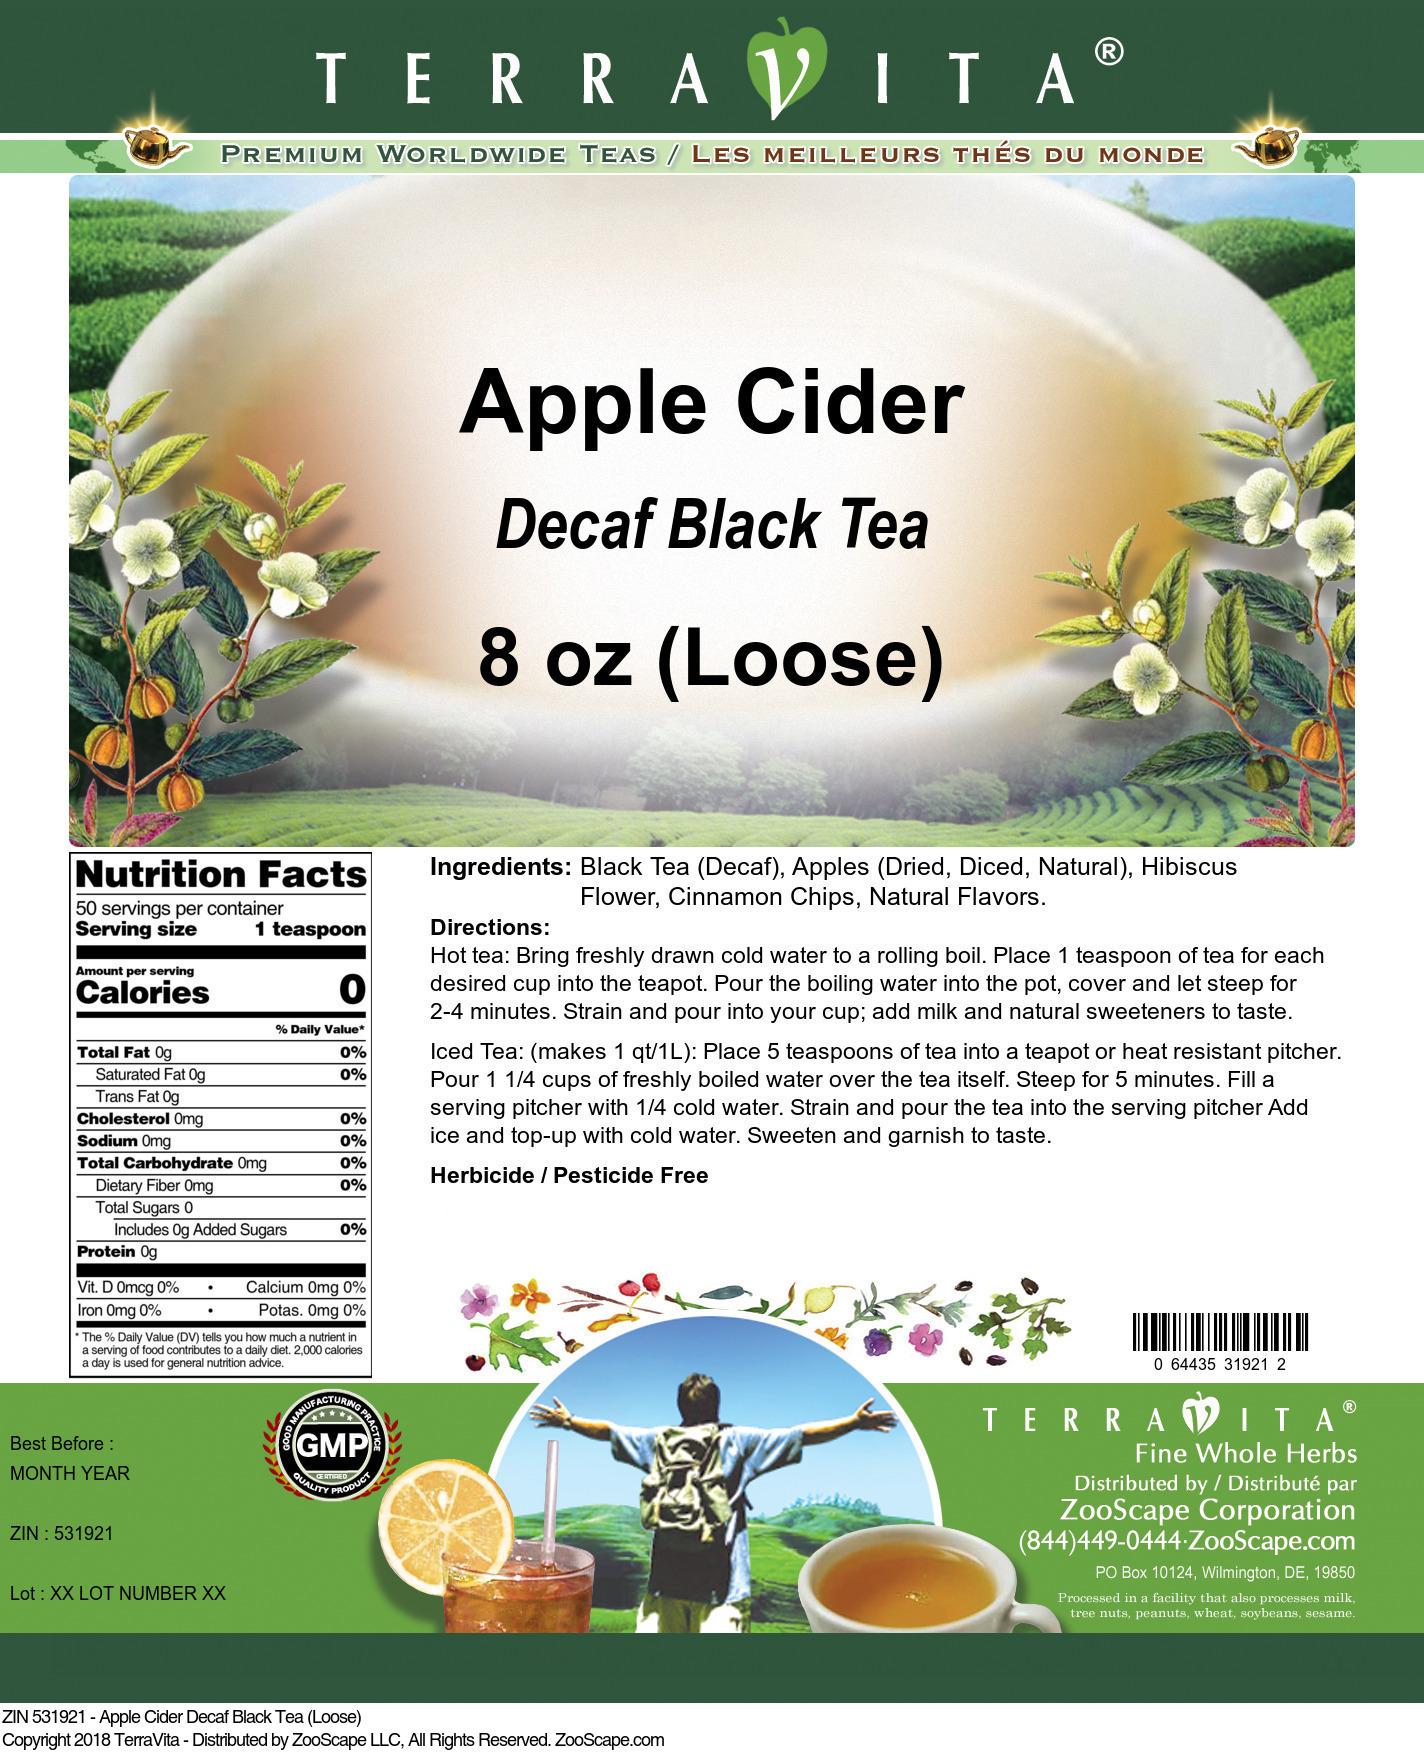 Apple Cider Decaf Black Tea (Loose)